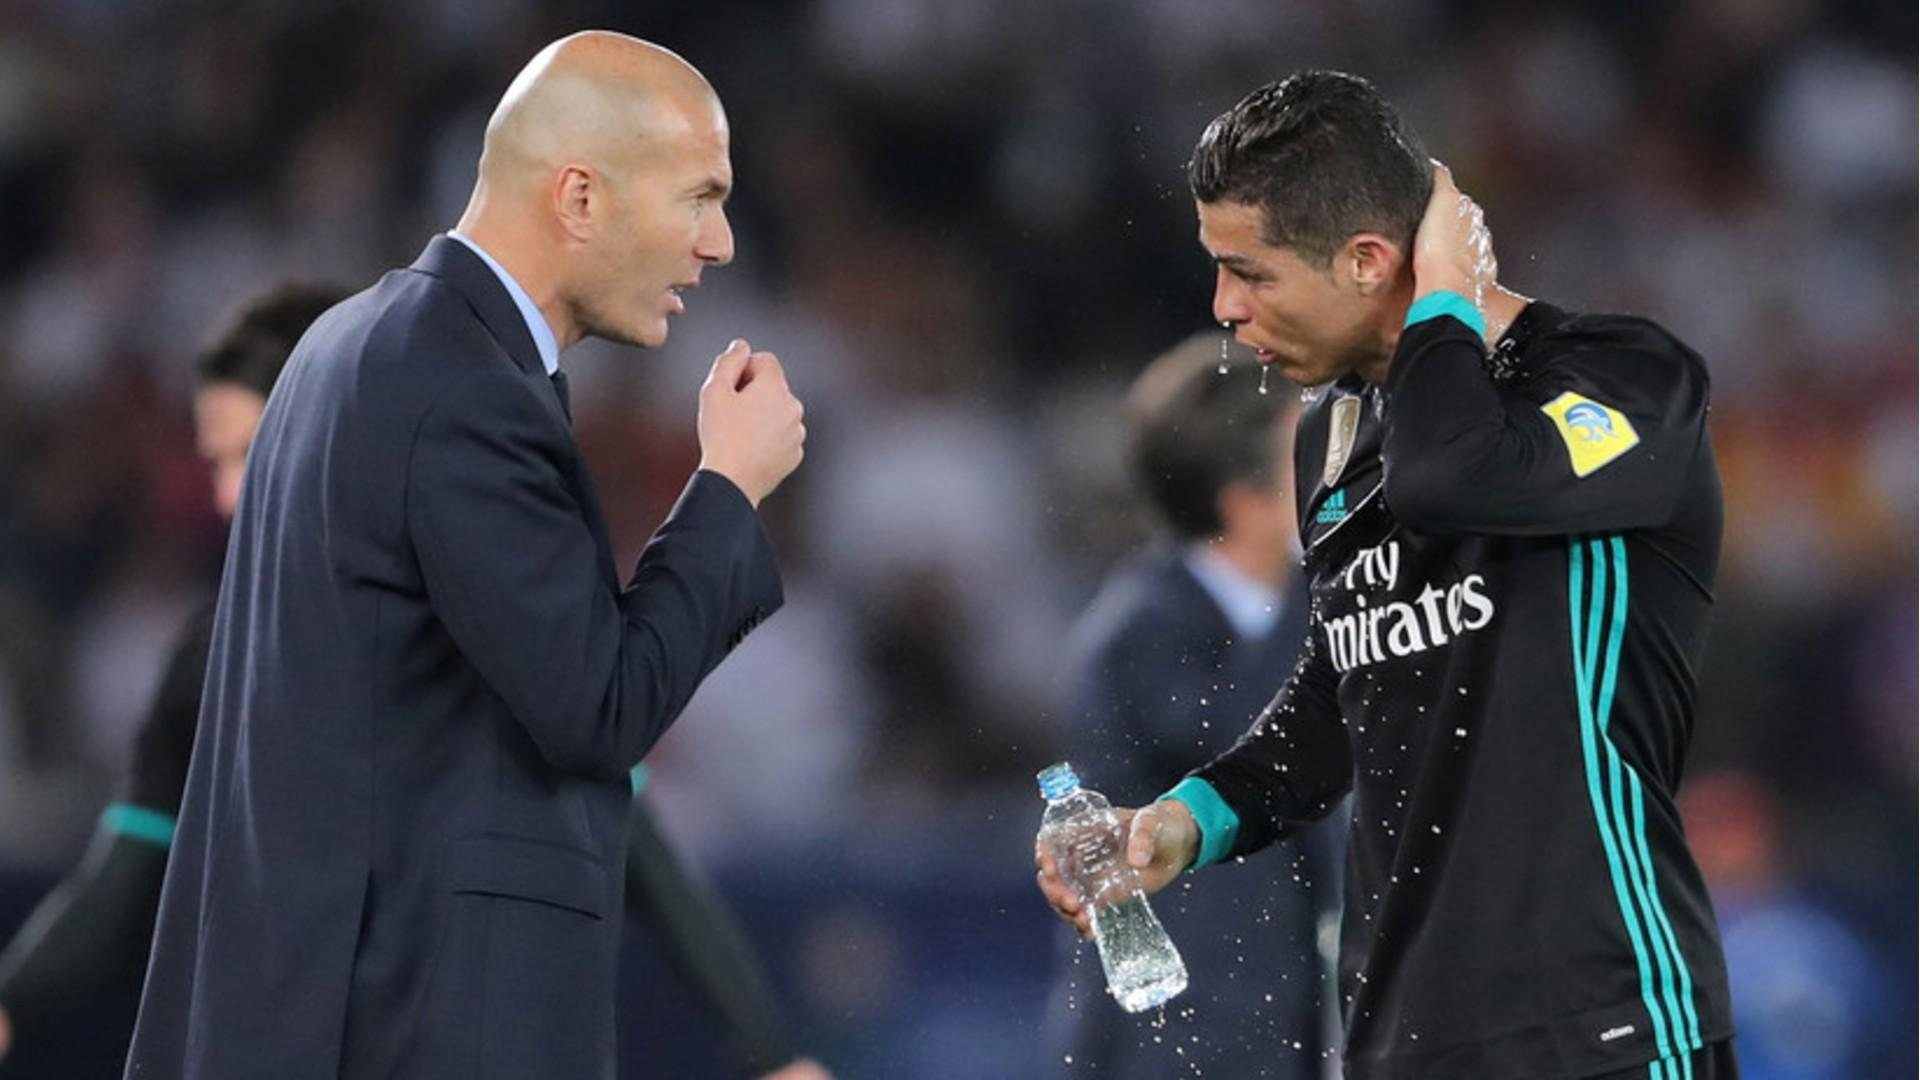 Cristiano Ronaldo declara admiración por Zidane en su paso por el Real Madrid